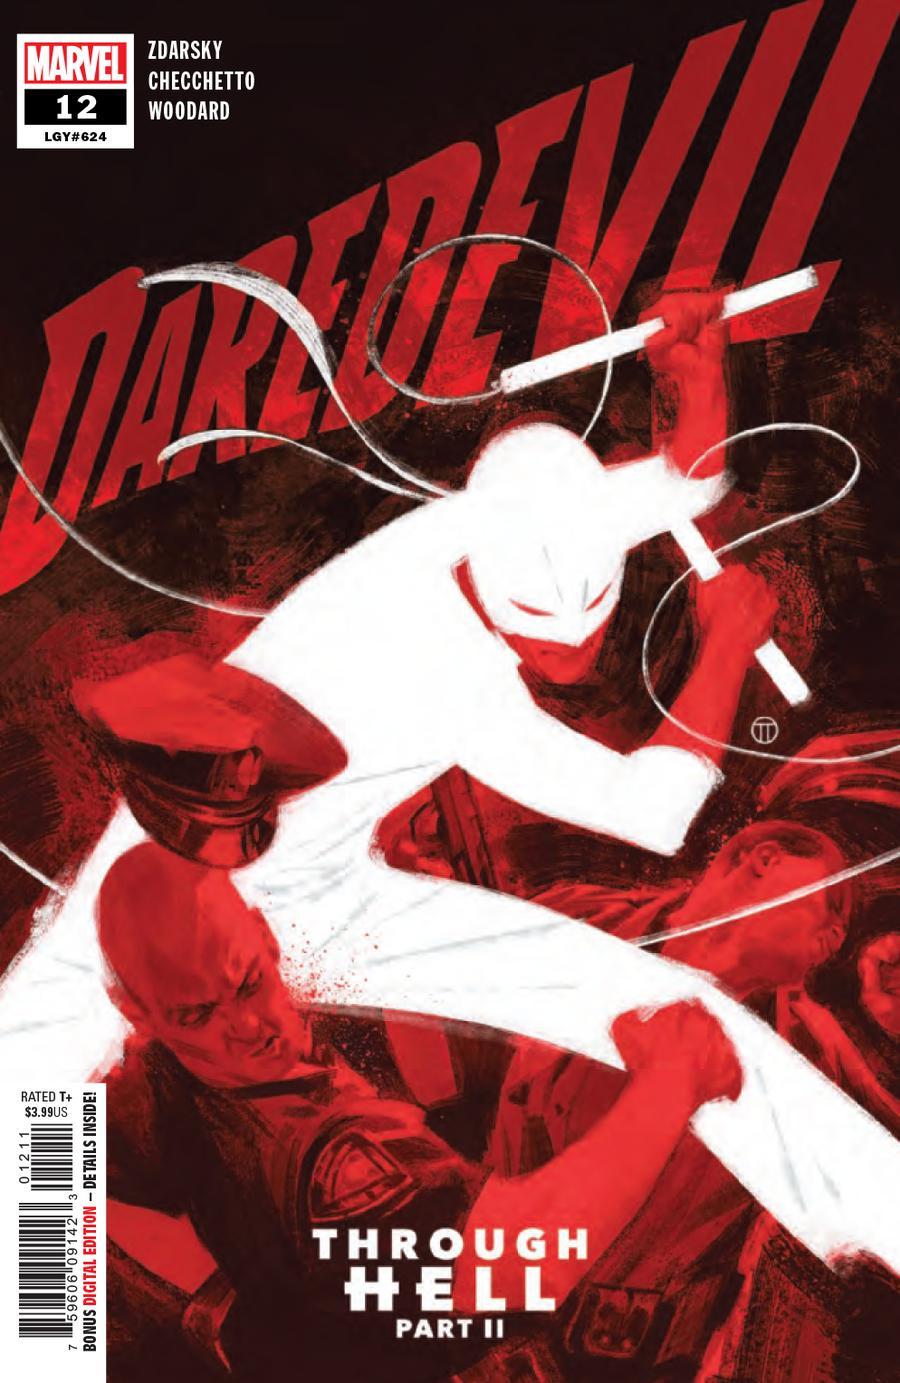 Daredevil Vol 6 #12 Cover A Regular Julian Totino Tedesco Cover